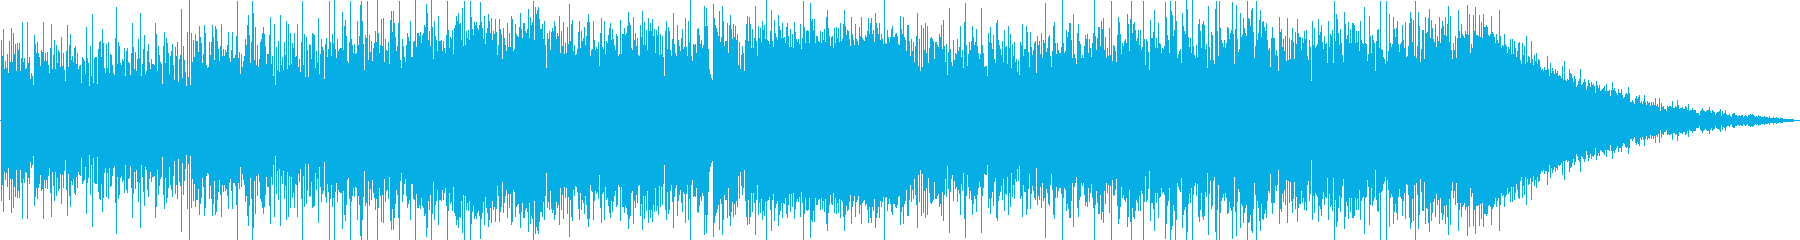 アカデミックで知的なテクノの再生済みの波形